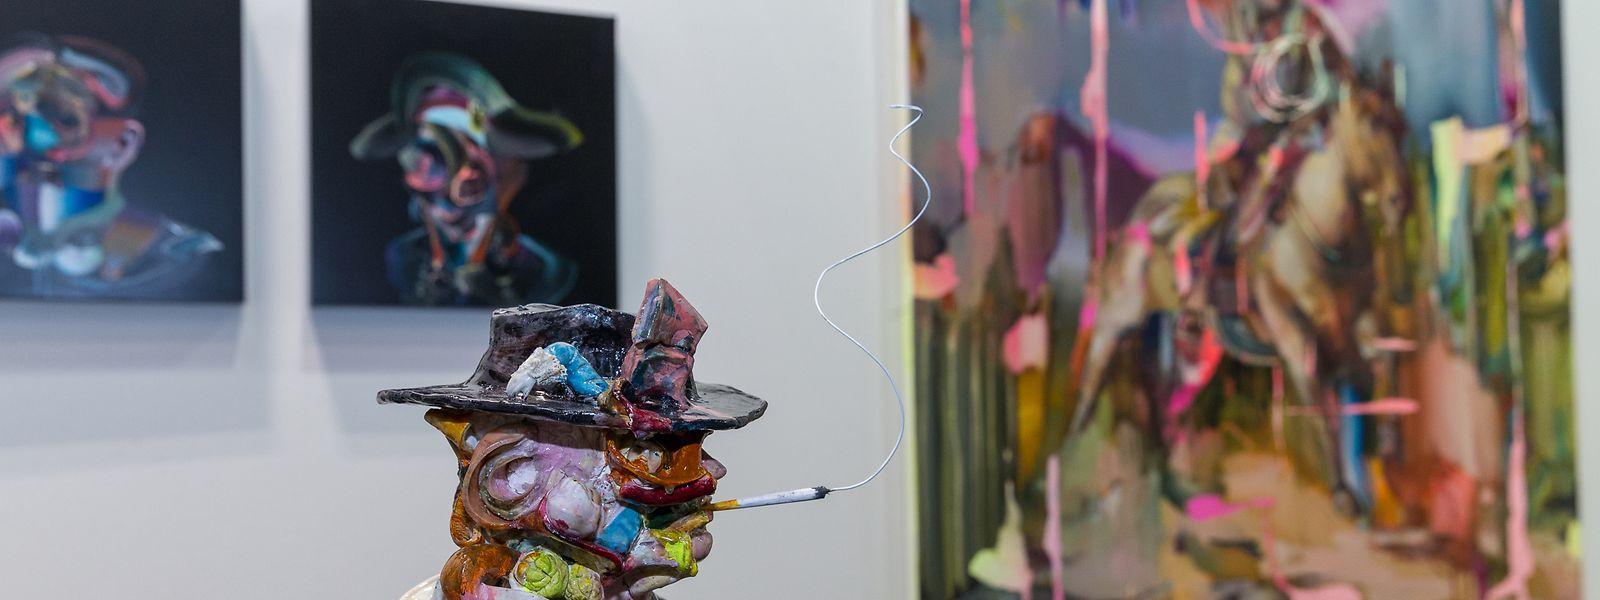 Streifzug durch die Halle Victor Hugo: Die Art Week lockt mit Aufsehen erregender Kunst.